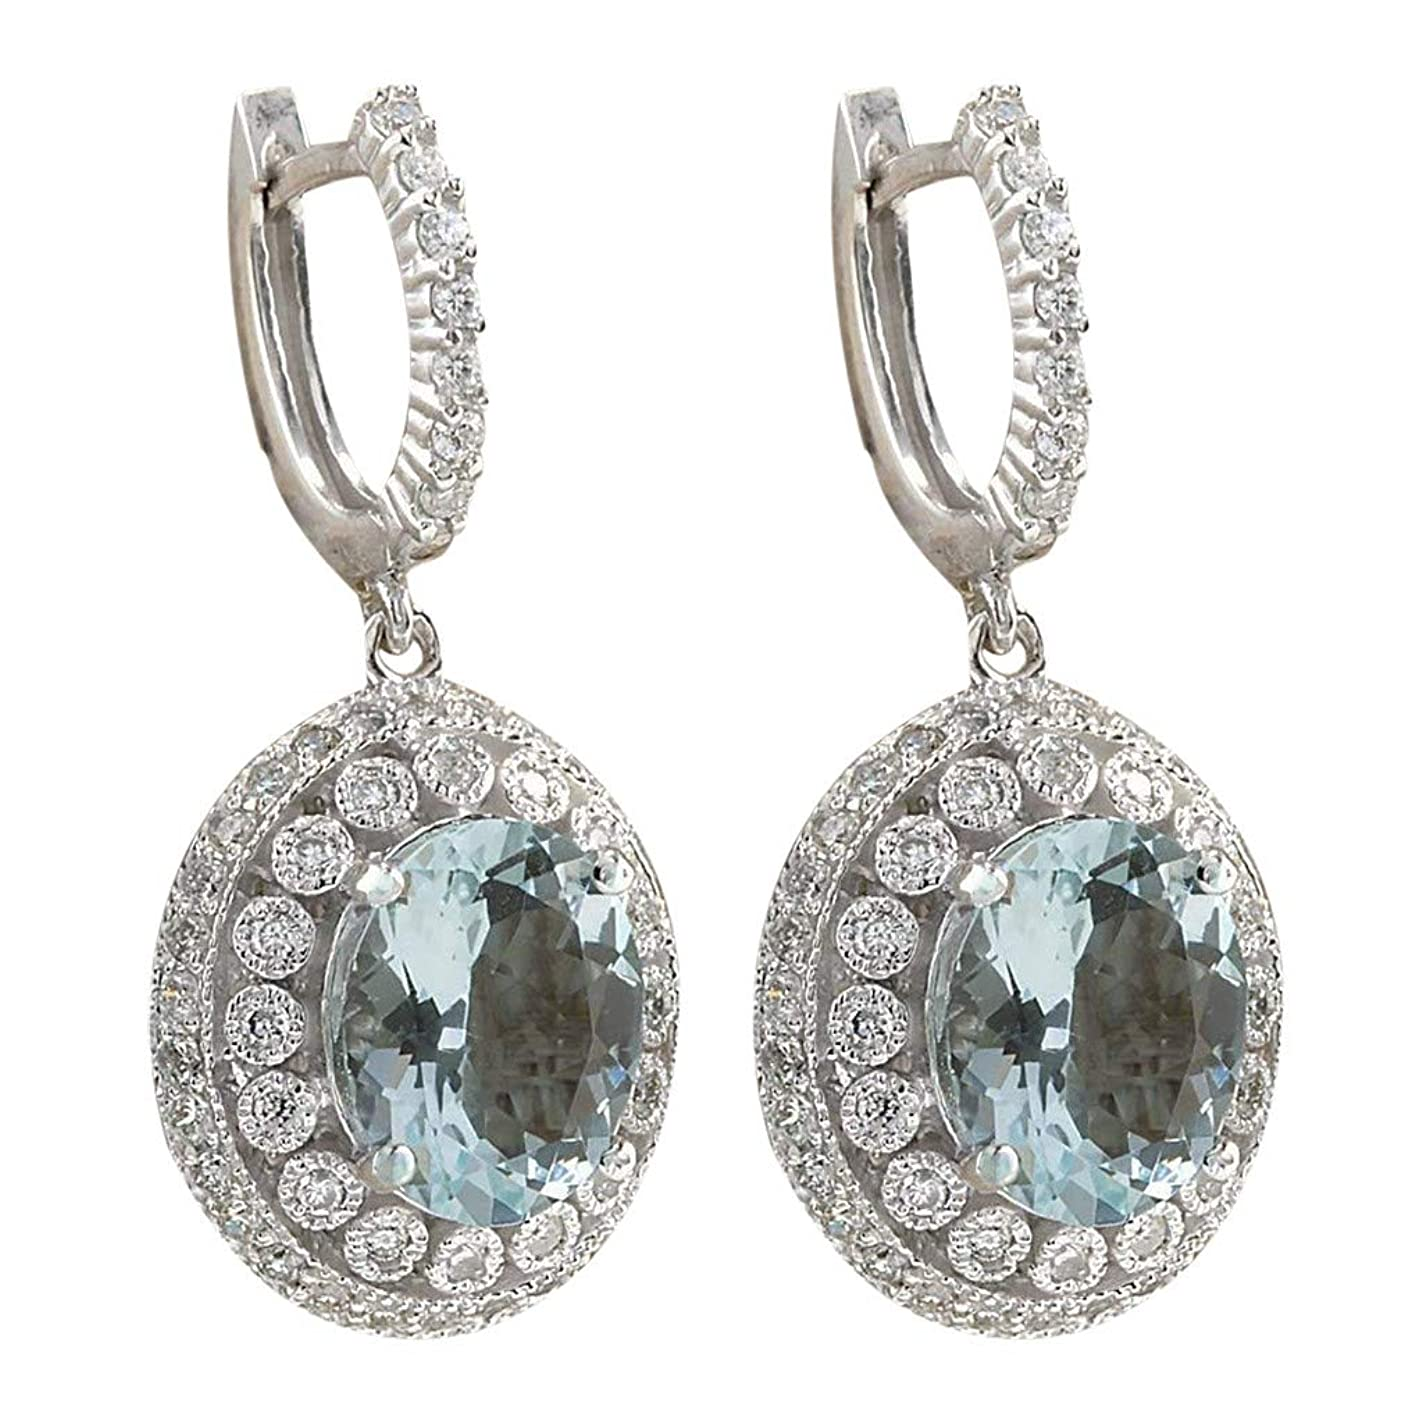 グループしわジュニアNicircle オパールイヤリング ファッション女性のアクアマリン宝石ブライダルイヤースタッドフープブラブライヤリング シルバー Fashion Women Aquamarine Gemstone Bridal Ear Stud Hoop Dangle Earring